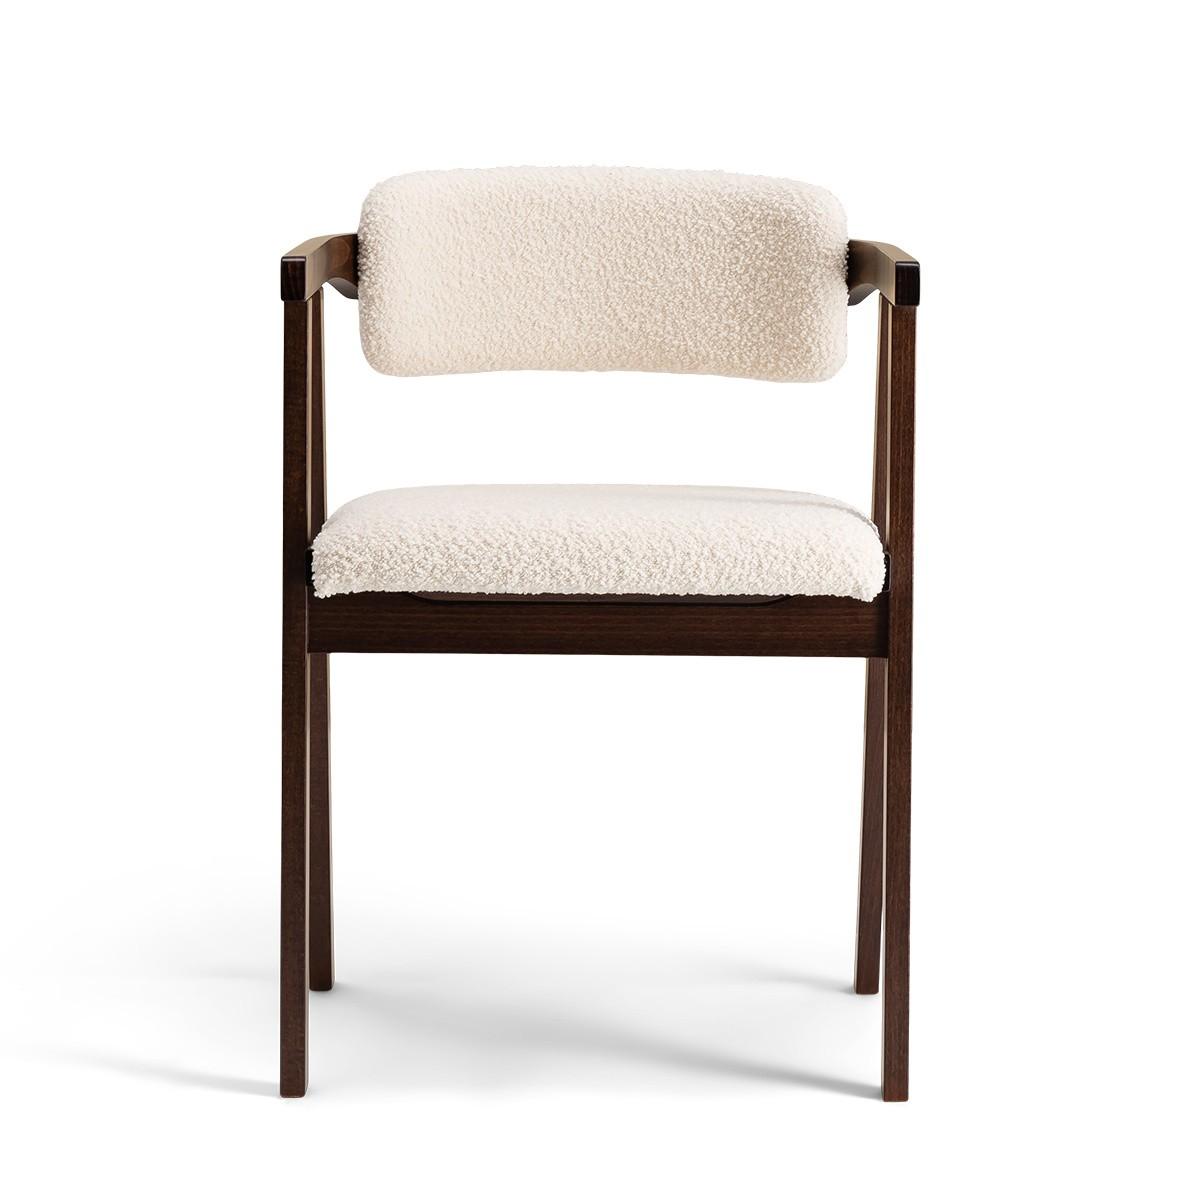 Chaise Milano bois brun laine bouclette blanc crème